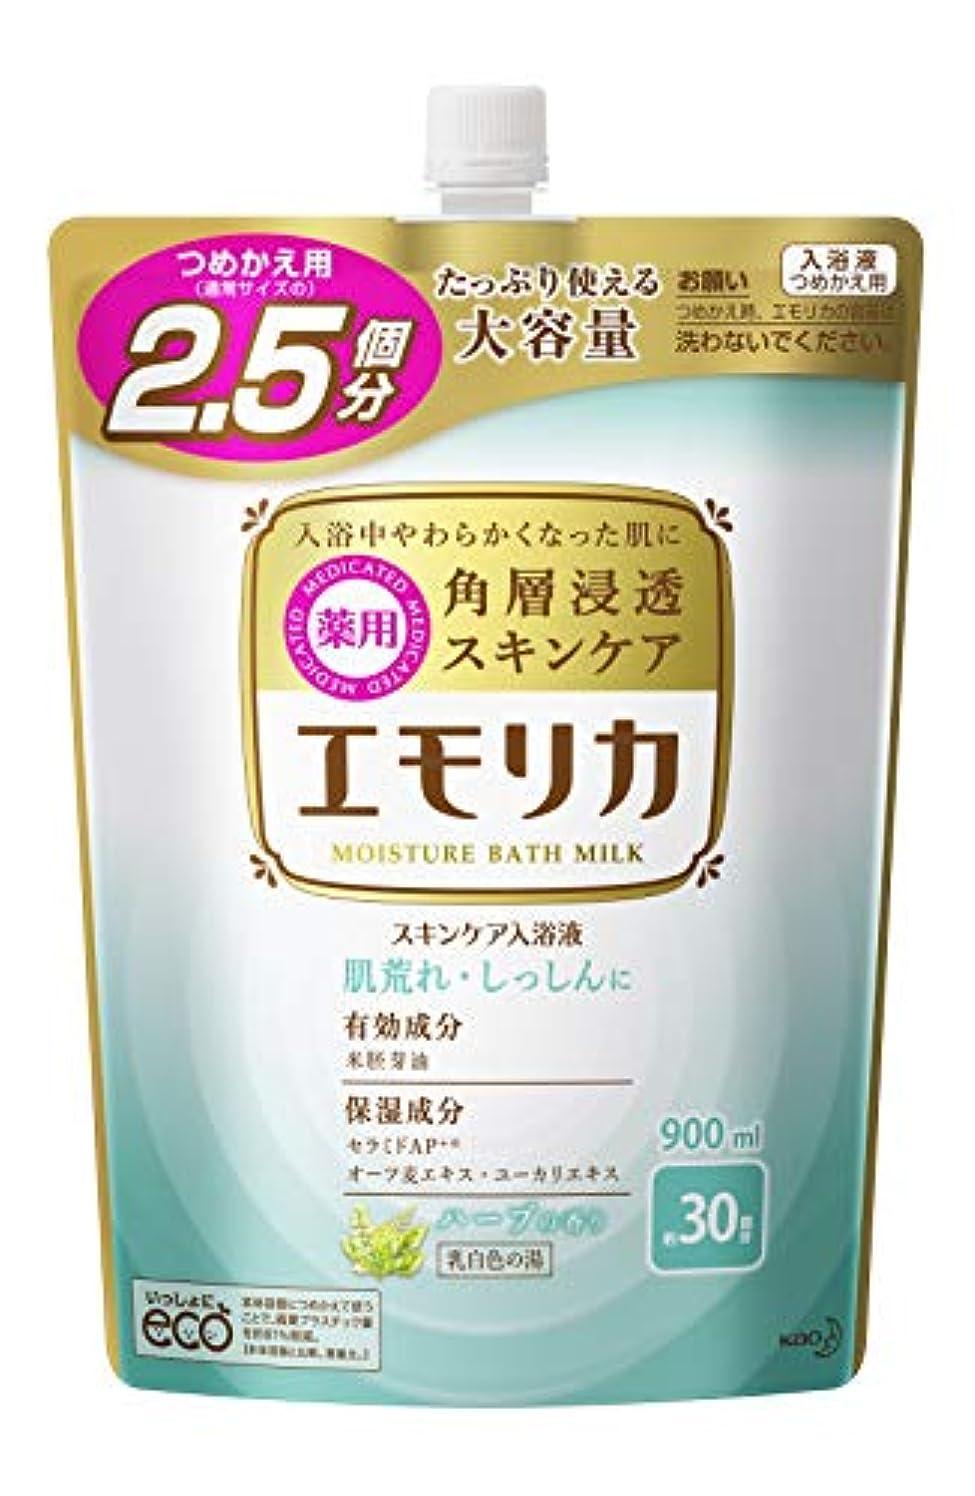 照らす登るスタック【大容量】エモリカ 薬用スキンケア入浴液 ハーブの香り つめかえ用900ml 液体 入浴剤 (赤ちゃんにも使えます)